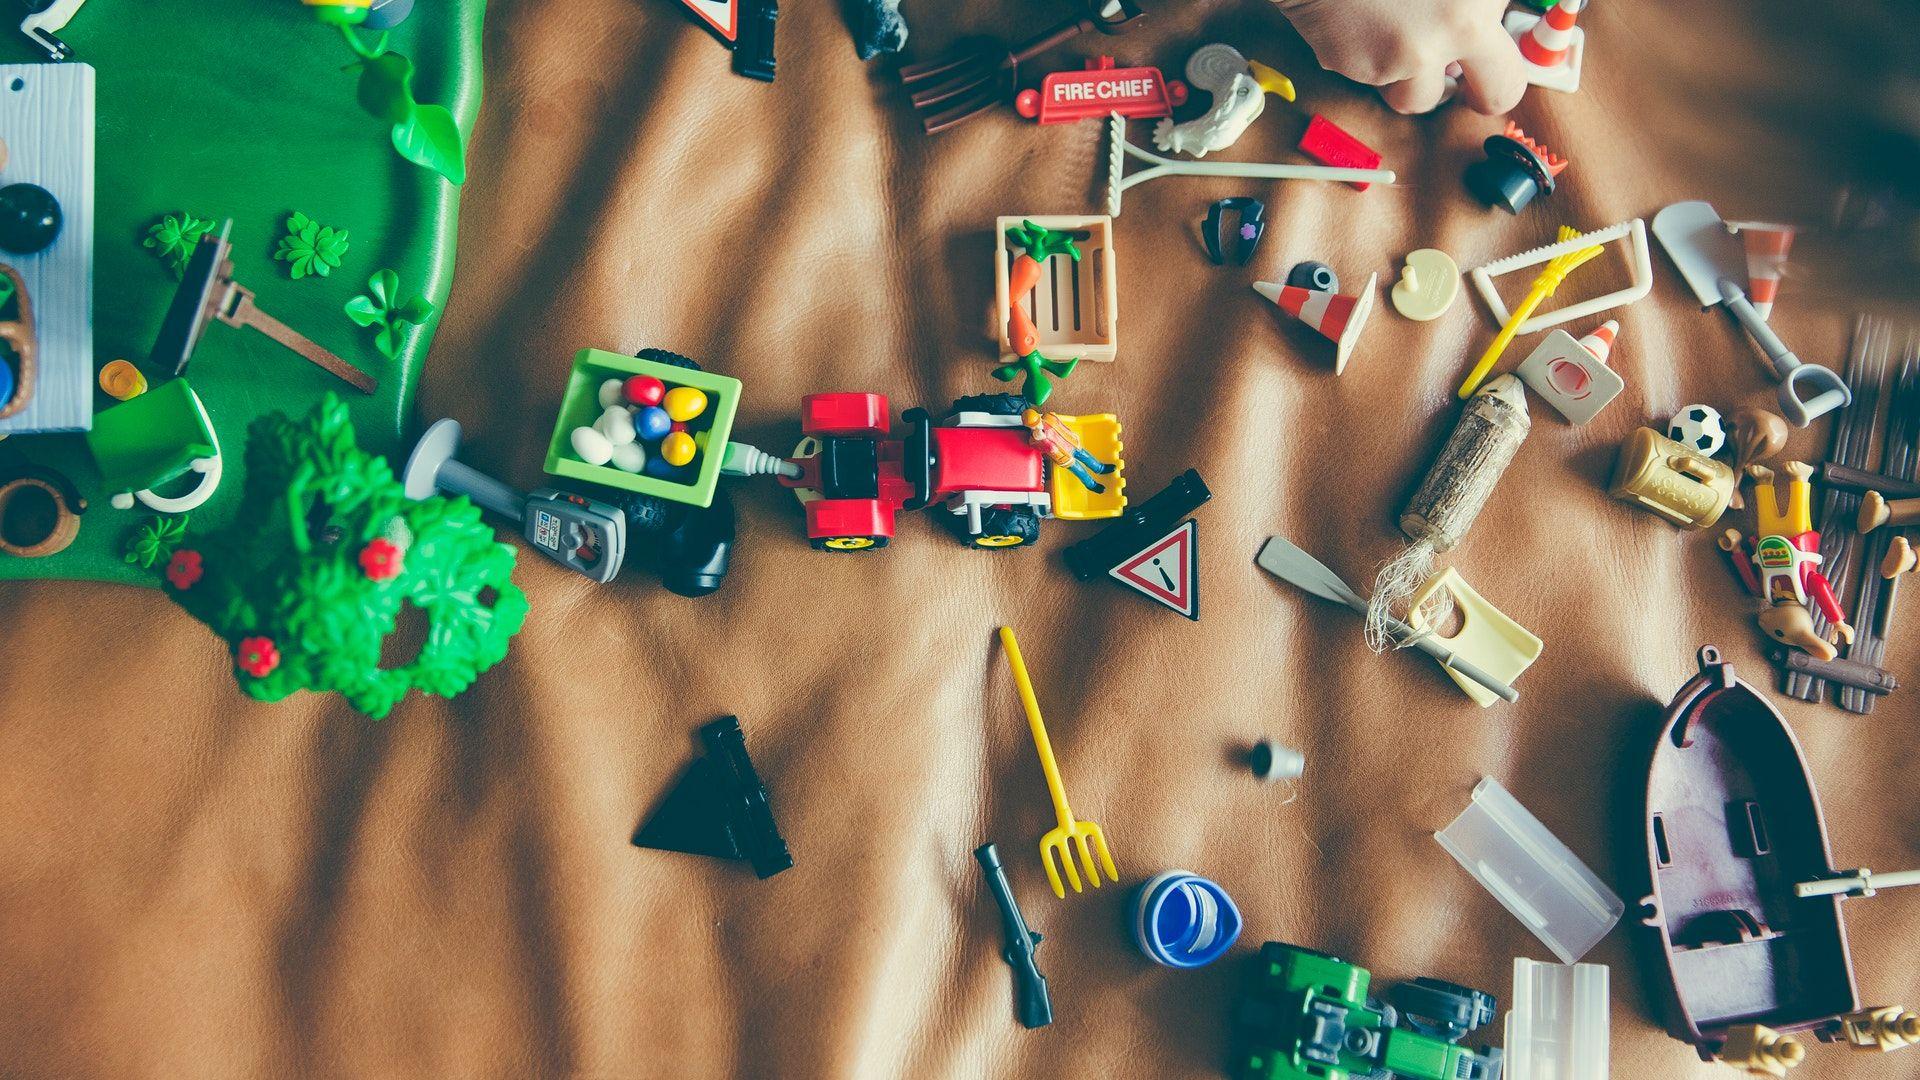 műanyag játék, olcsó játék